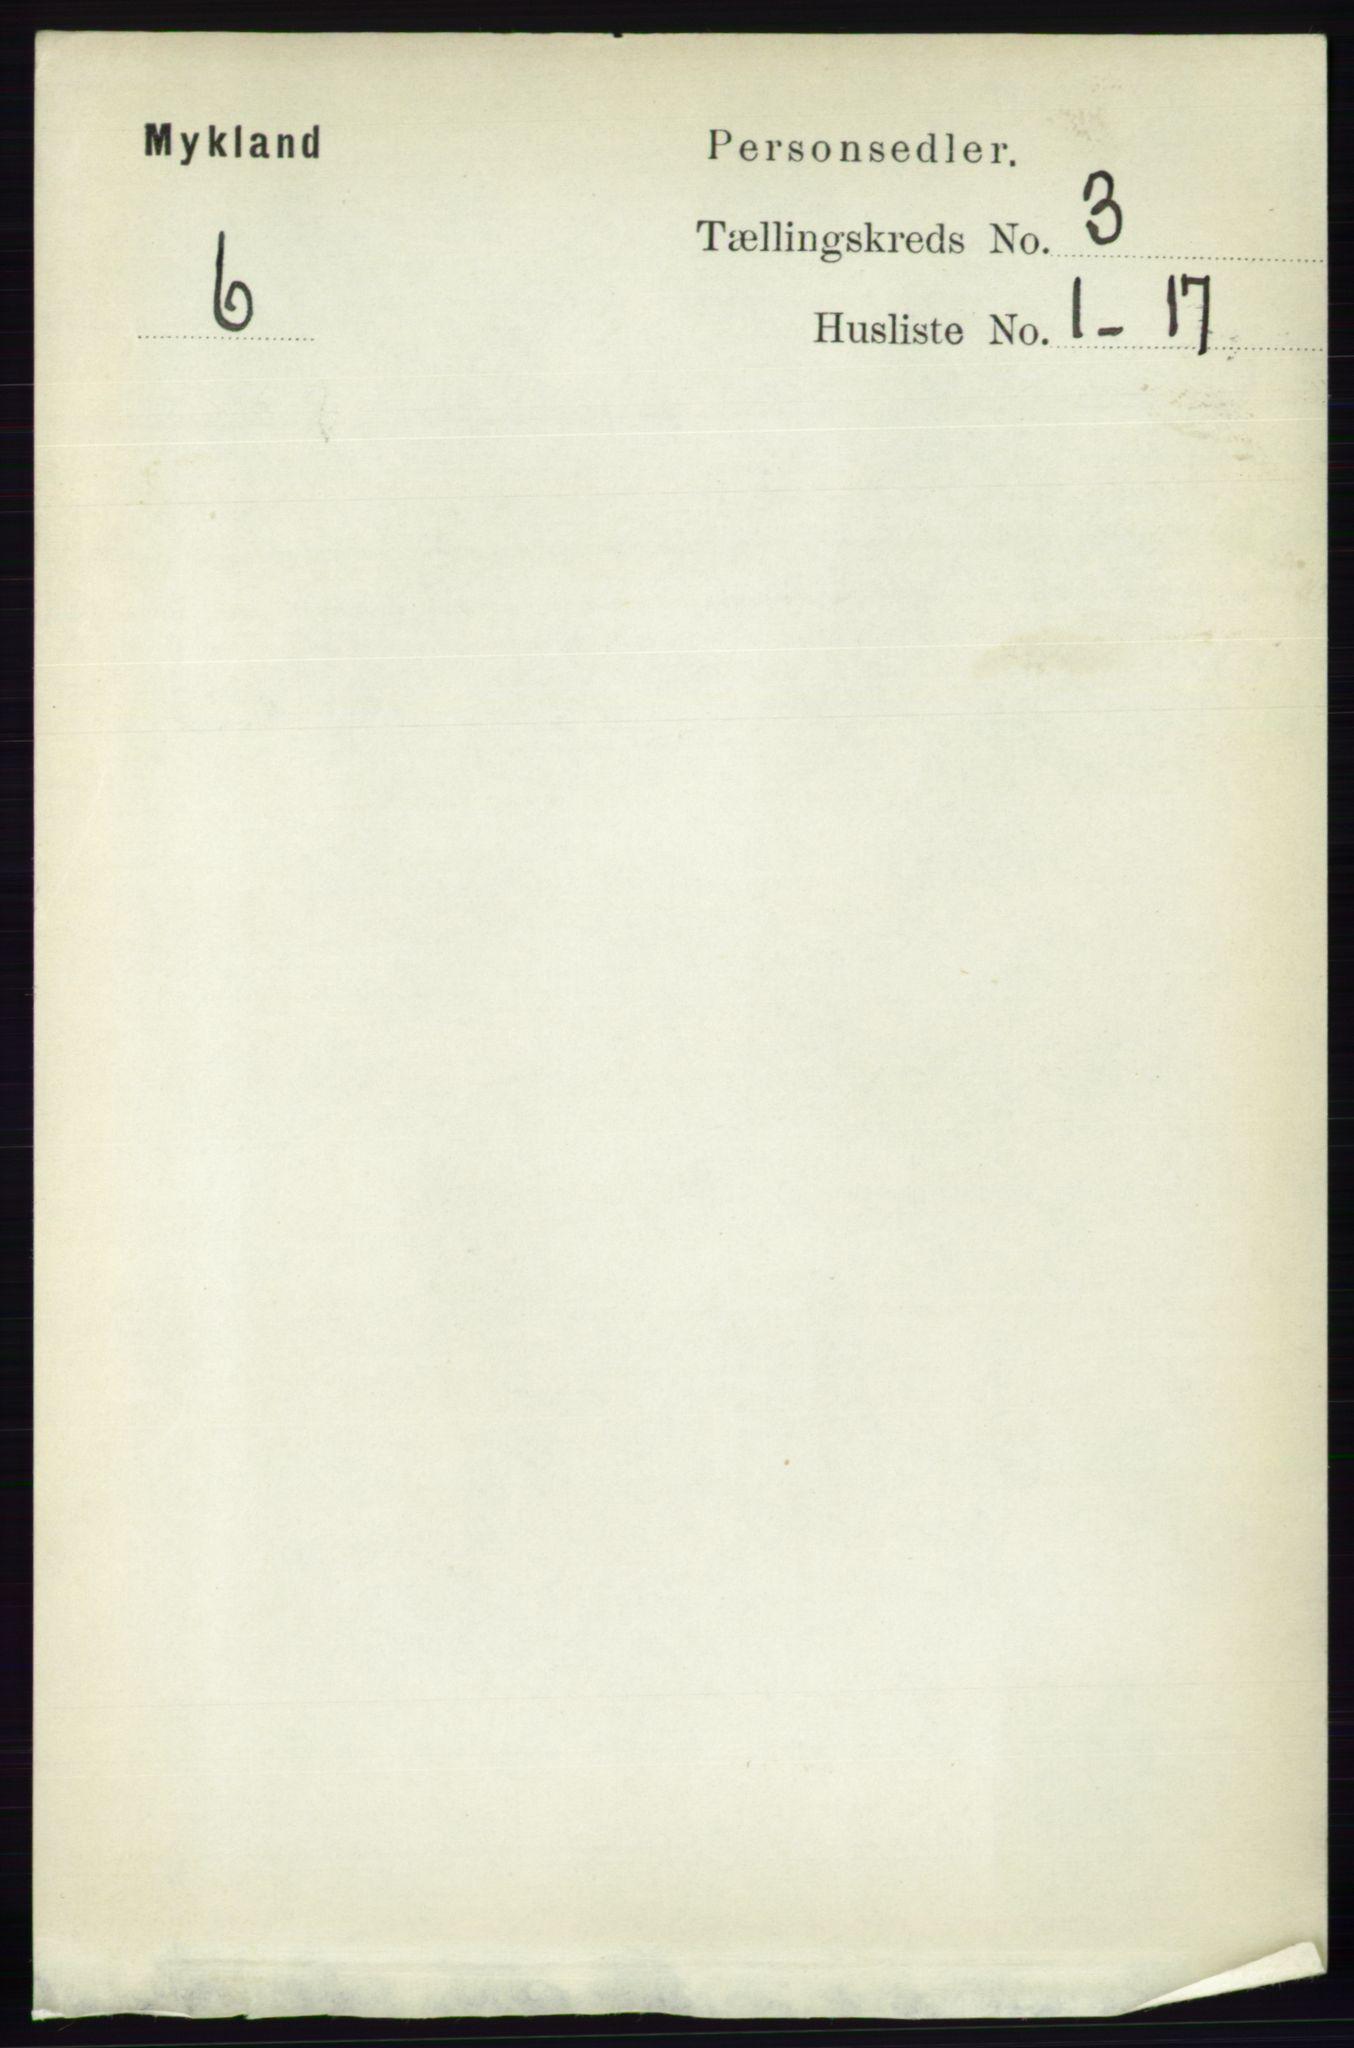 RA, Folketelling 1891 for 0932 Mykland herred, 1891, s. 565